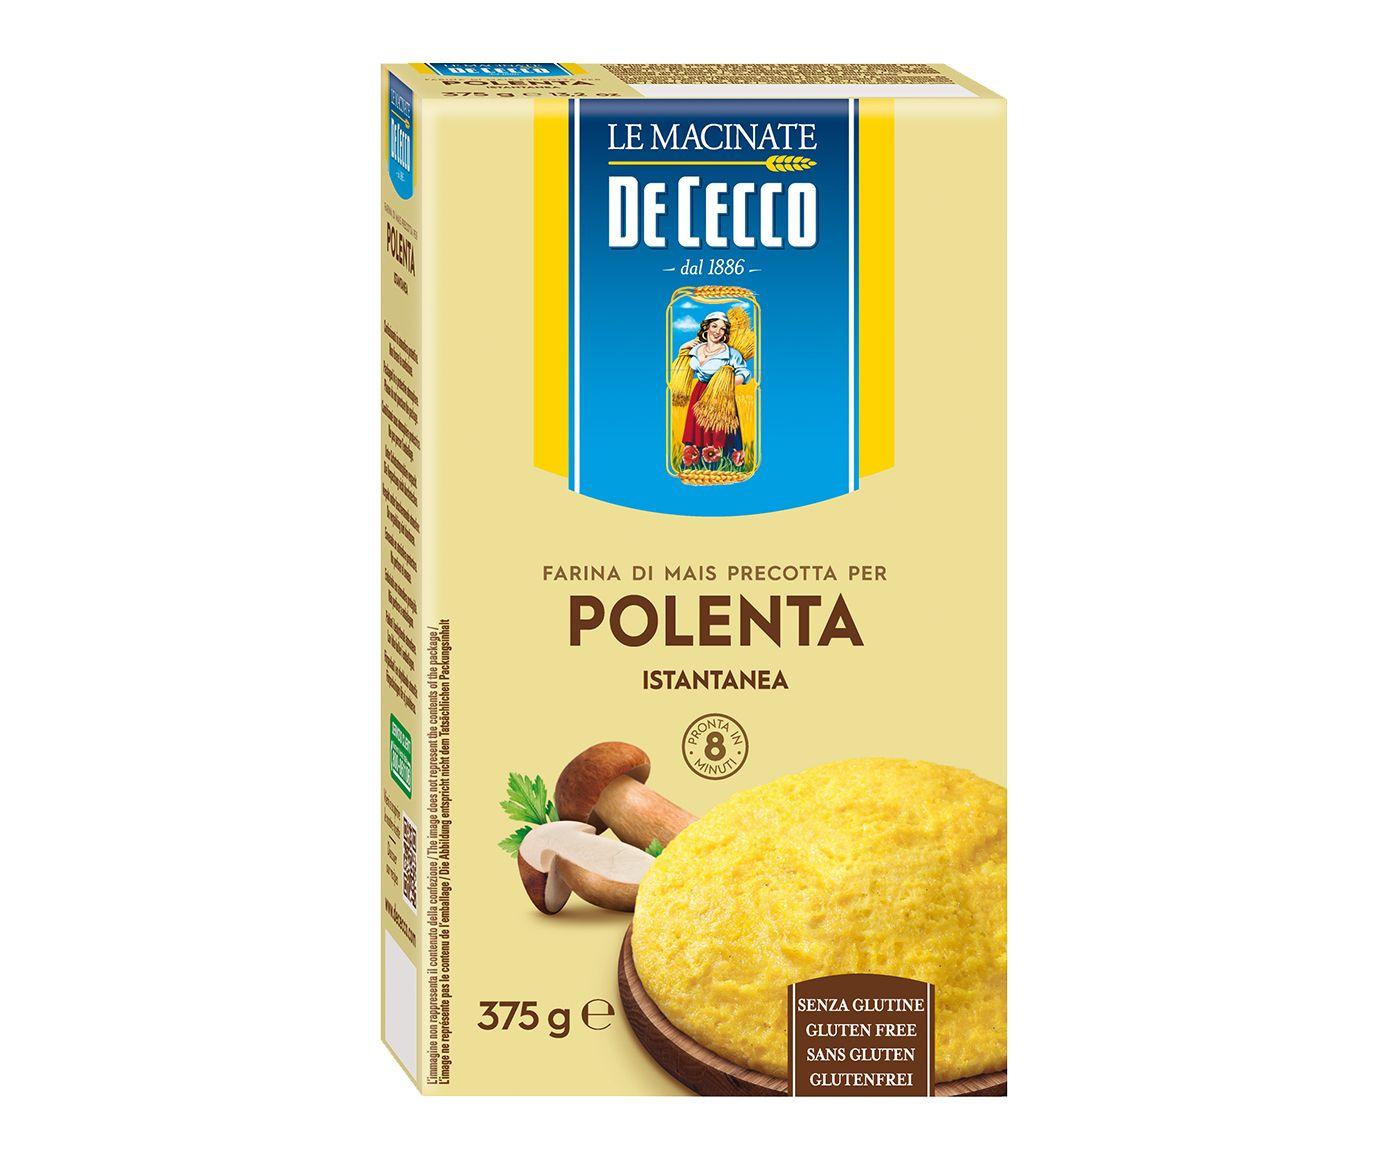 Polenta Ita de Cecco - 375G | Westwing.com.br